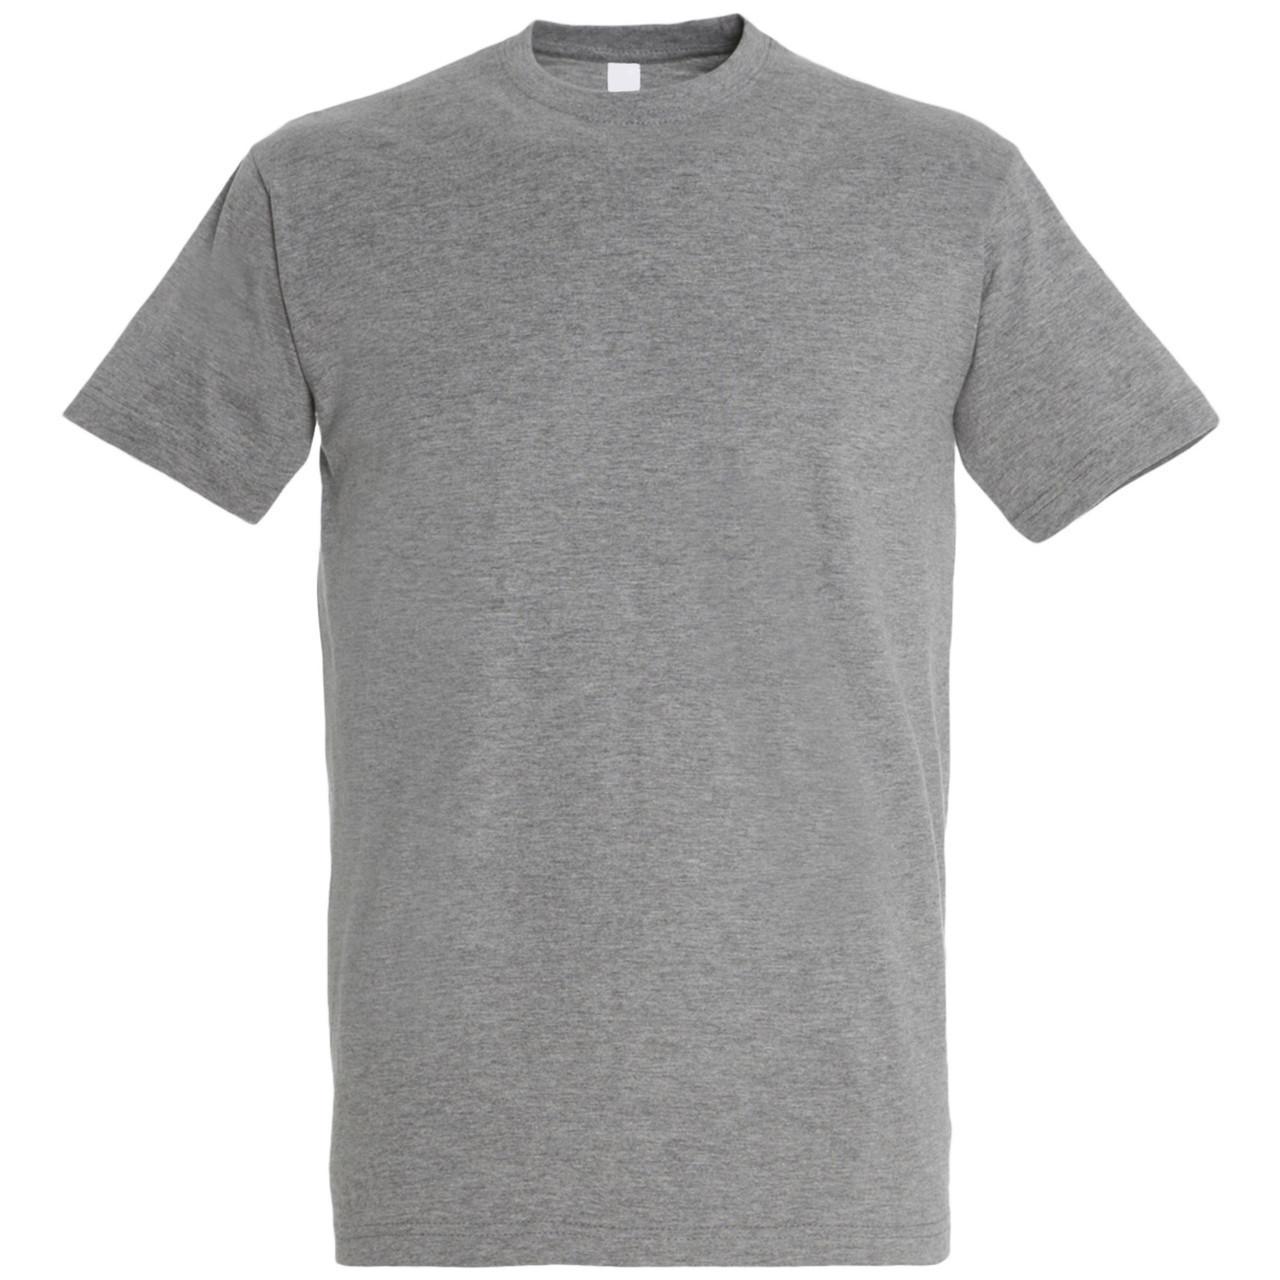 Oднотонная футболка | Серый меланж | 160 гр. | 3XL